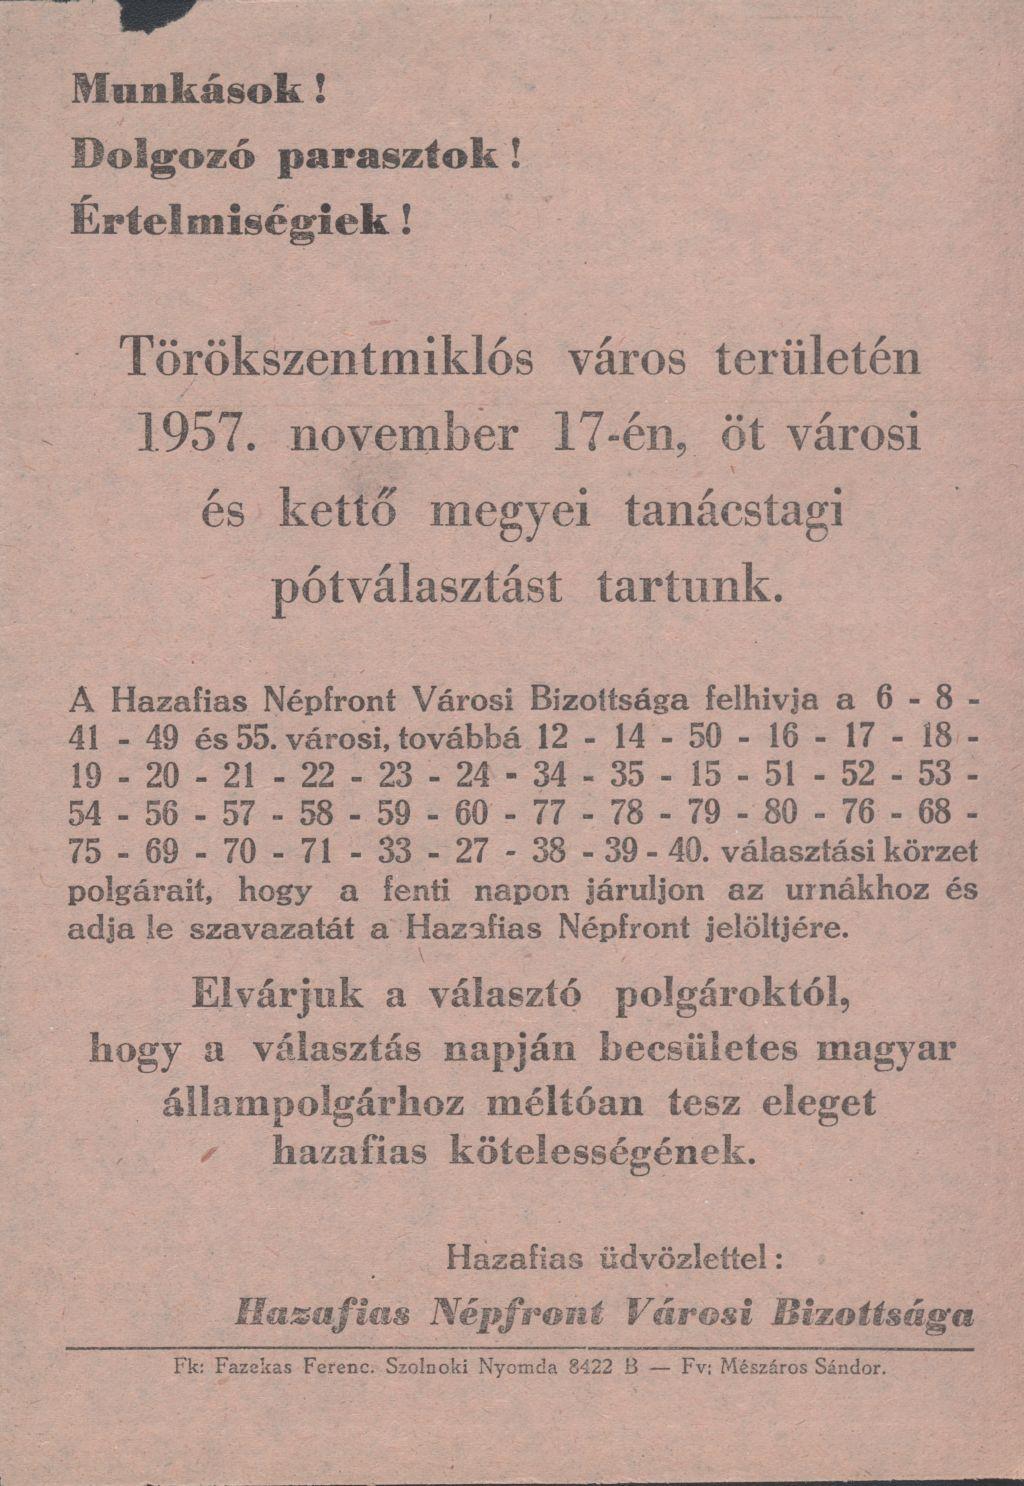 Törökszentmiklós város területén 1957. november 17-én öt városi és kettő megyei tanácstagi pótválasztást tartanak